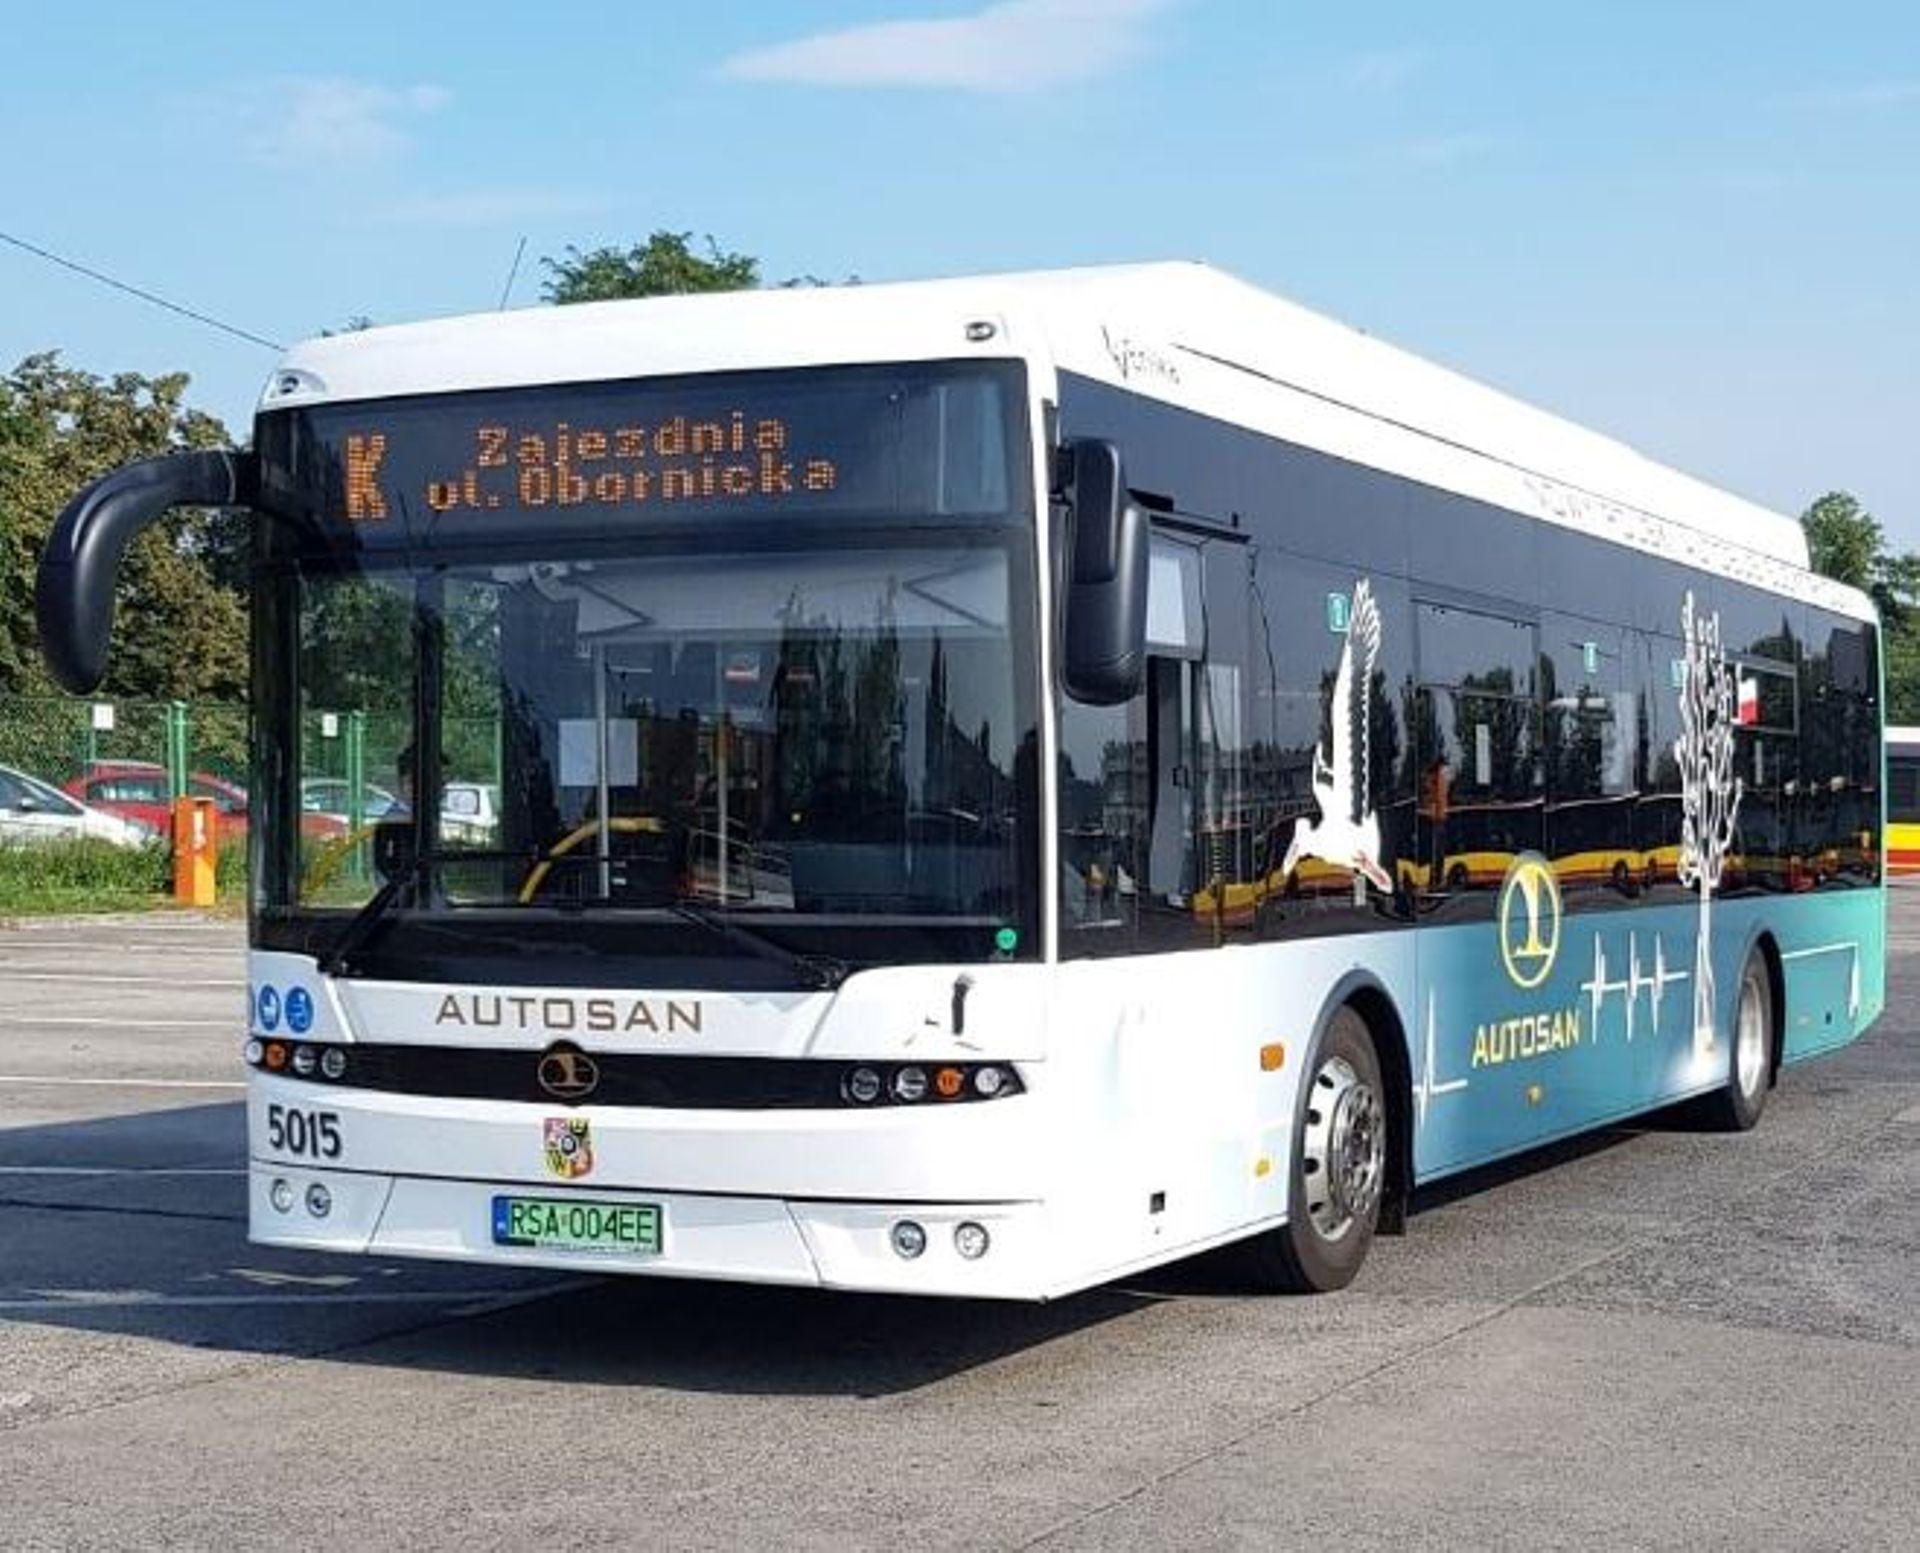 MPK Wrocław jest zainteresowane zakupem elektrycznych autobusów